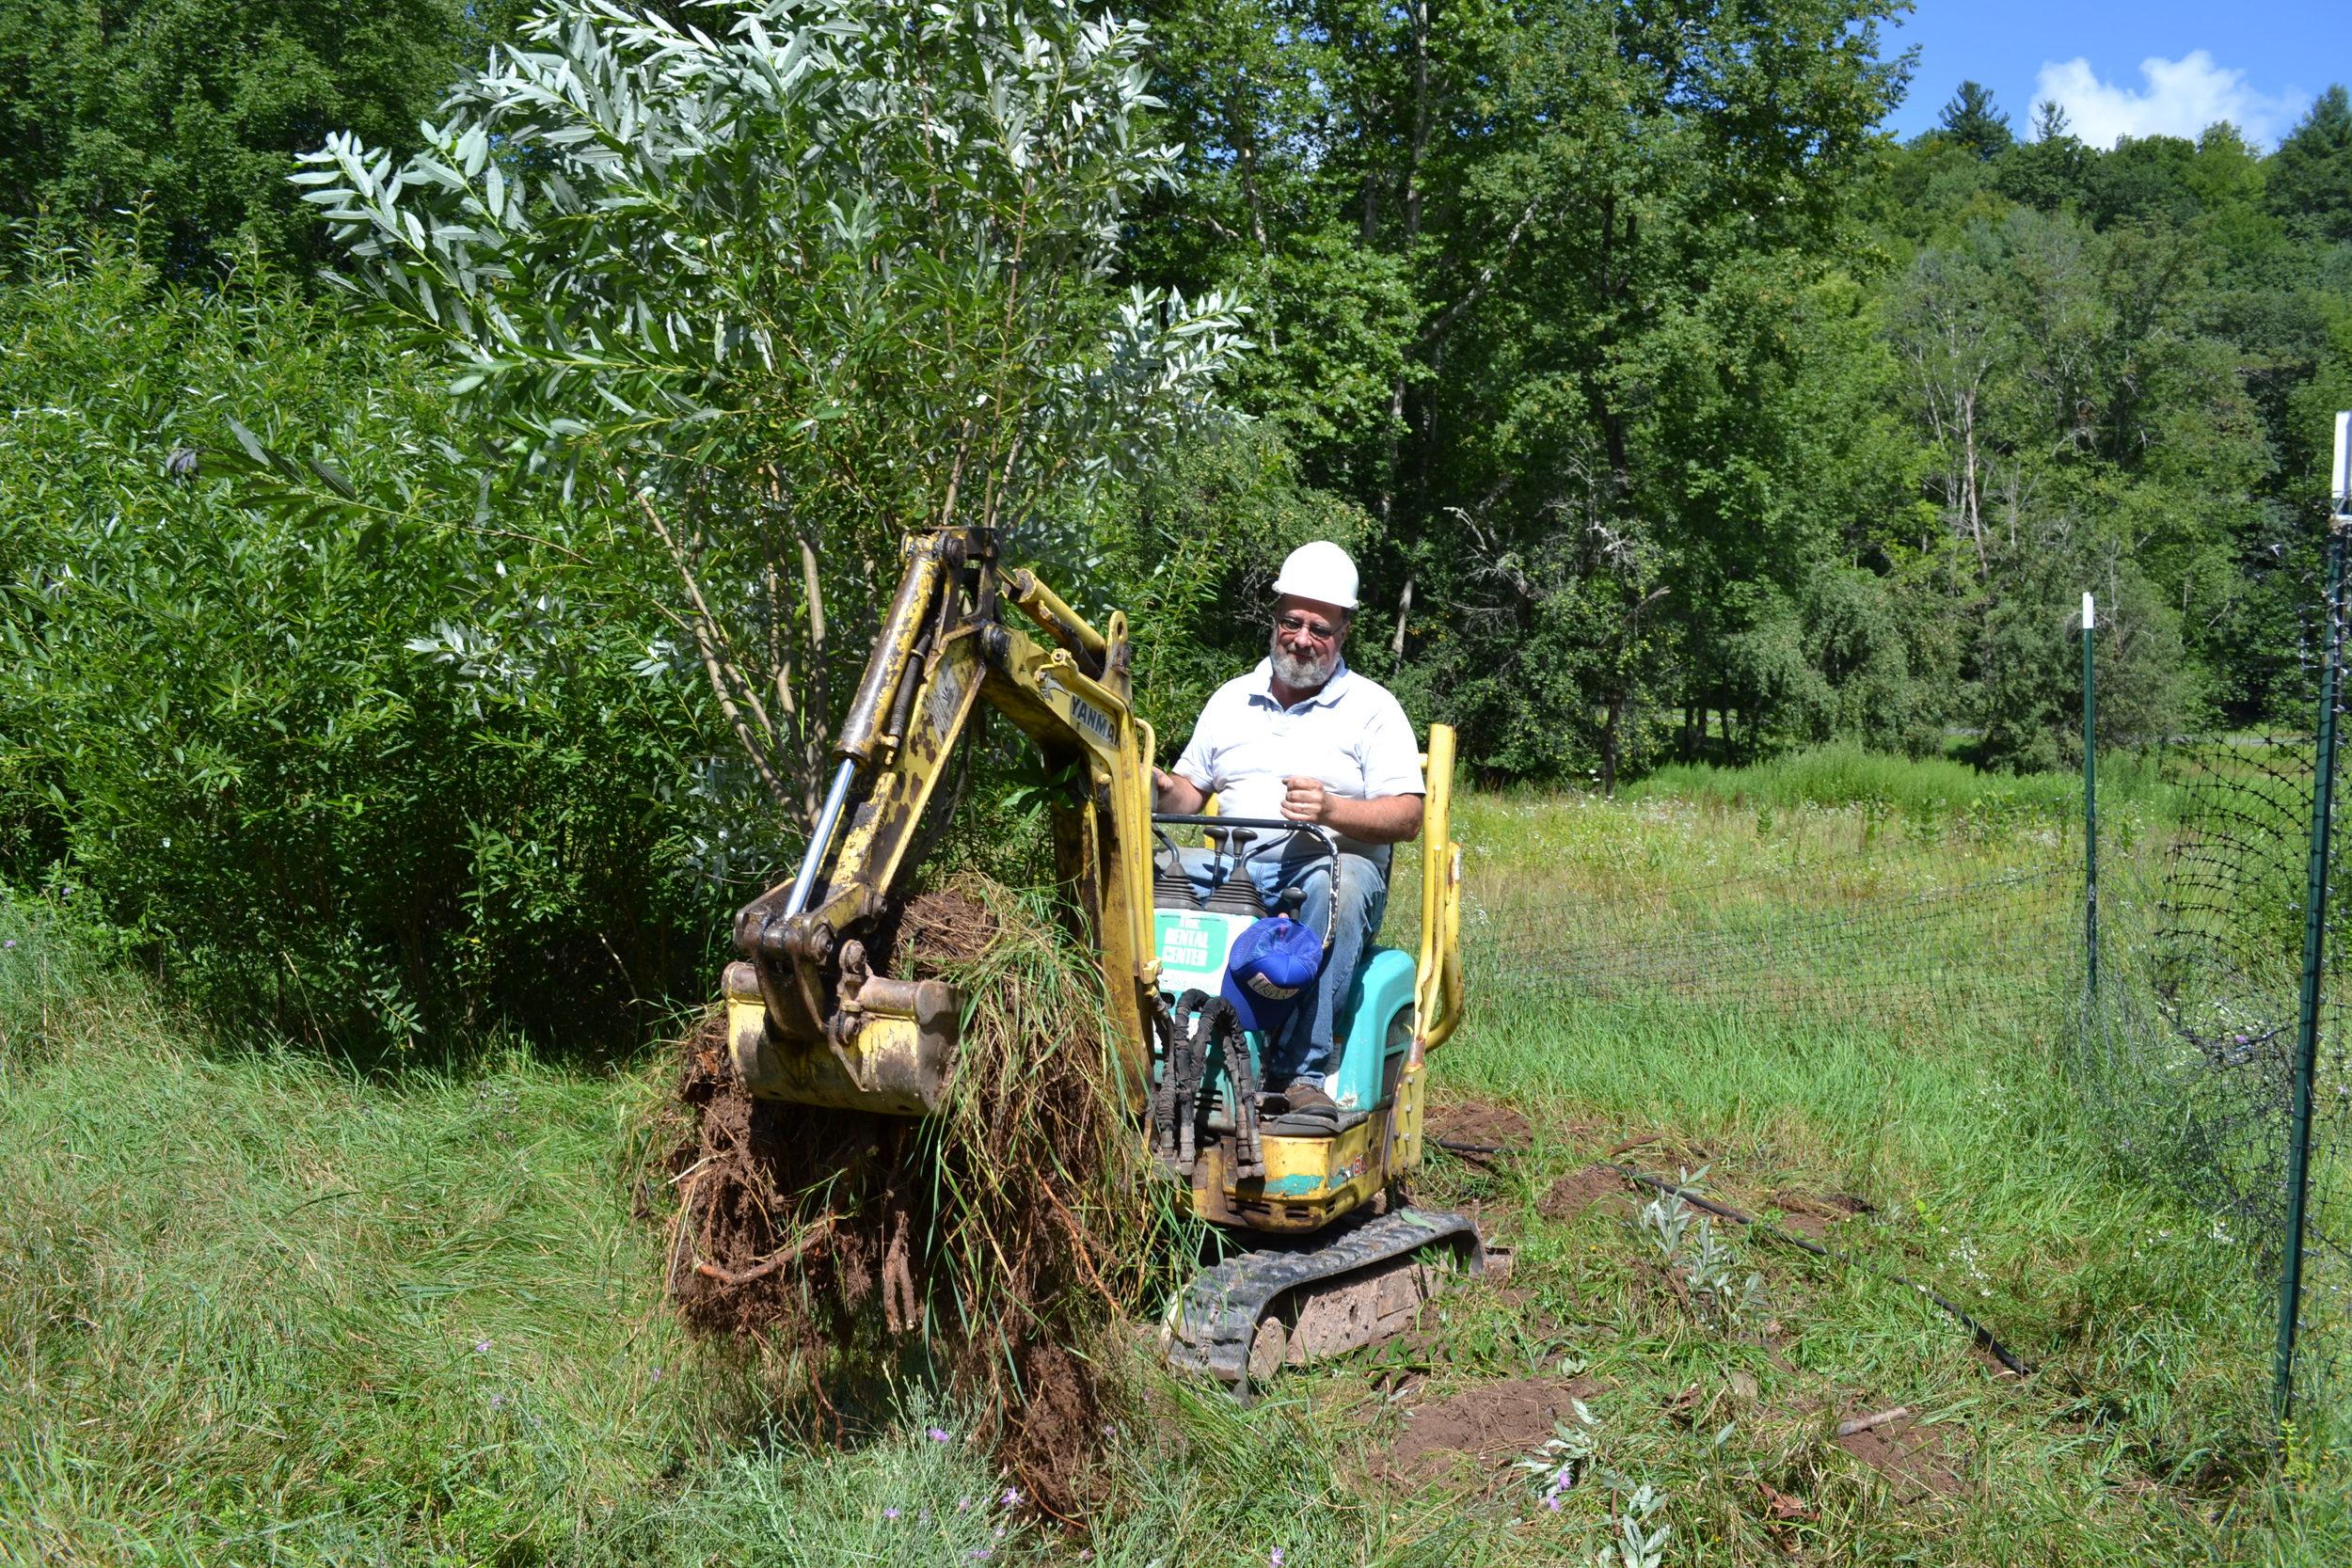 Willow Clump Harvest at ball fields along Rondout Creek (CSBI)